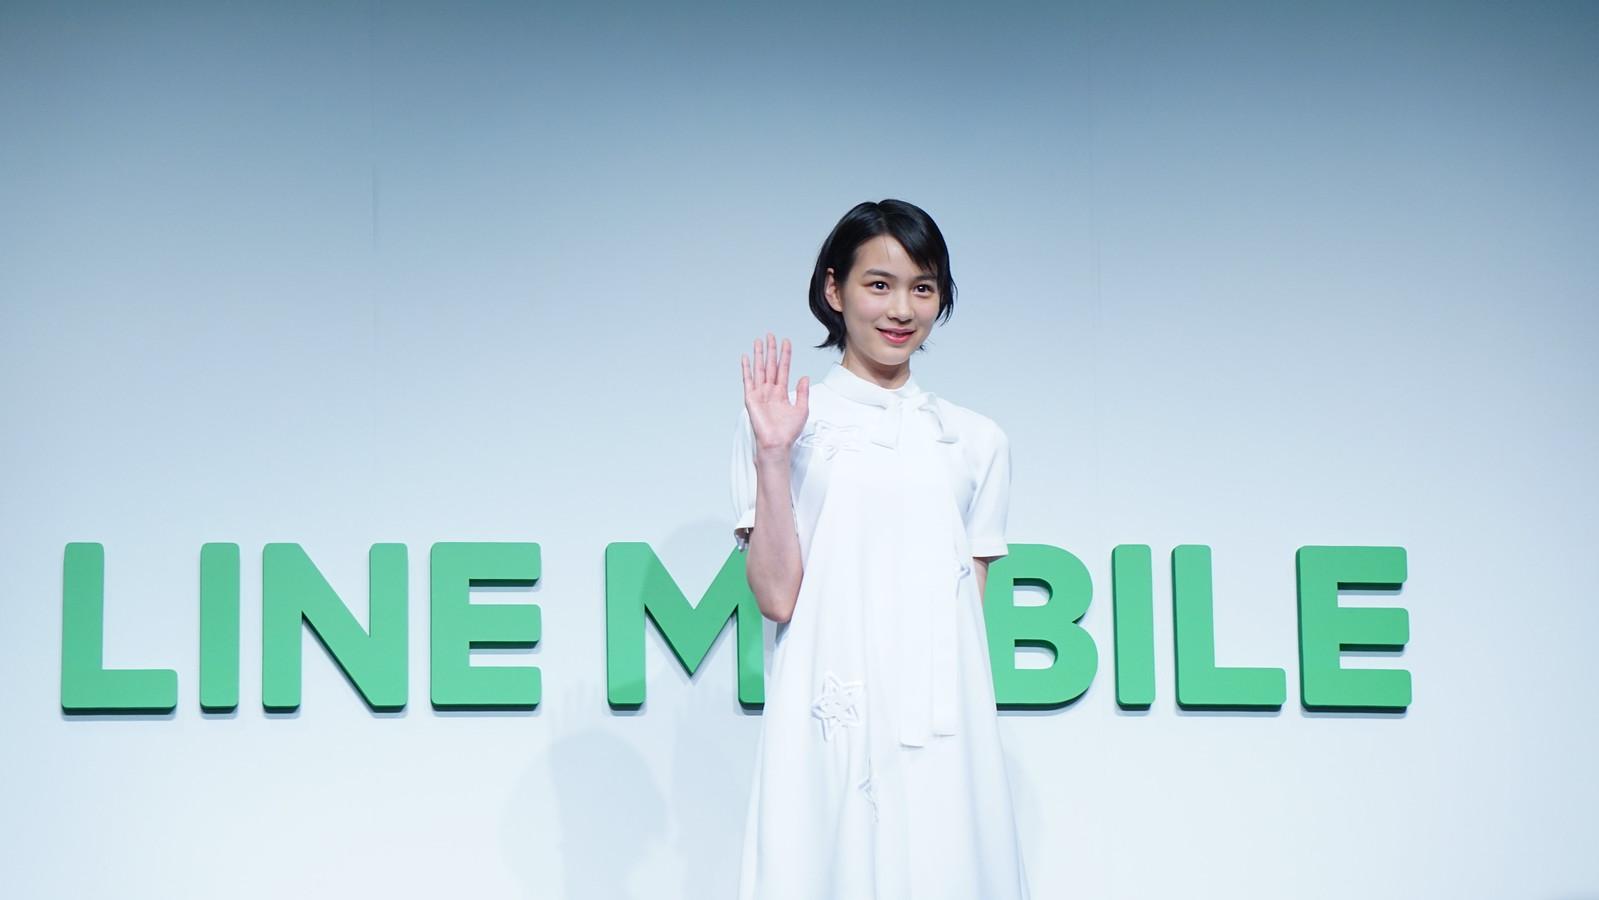 LINEモバイル、のん(能年玲奈)を起用したテレビCMを3月15日より放送開始